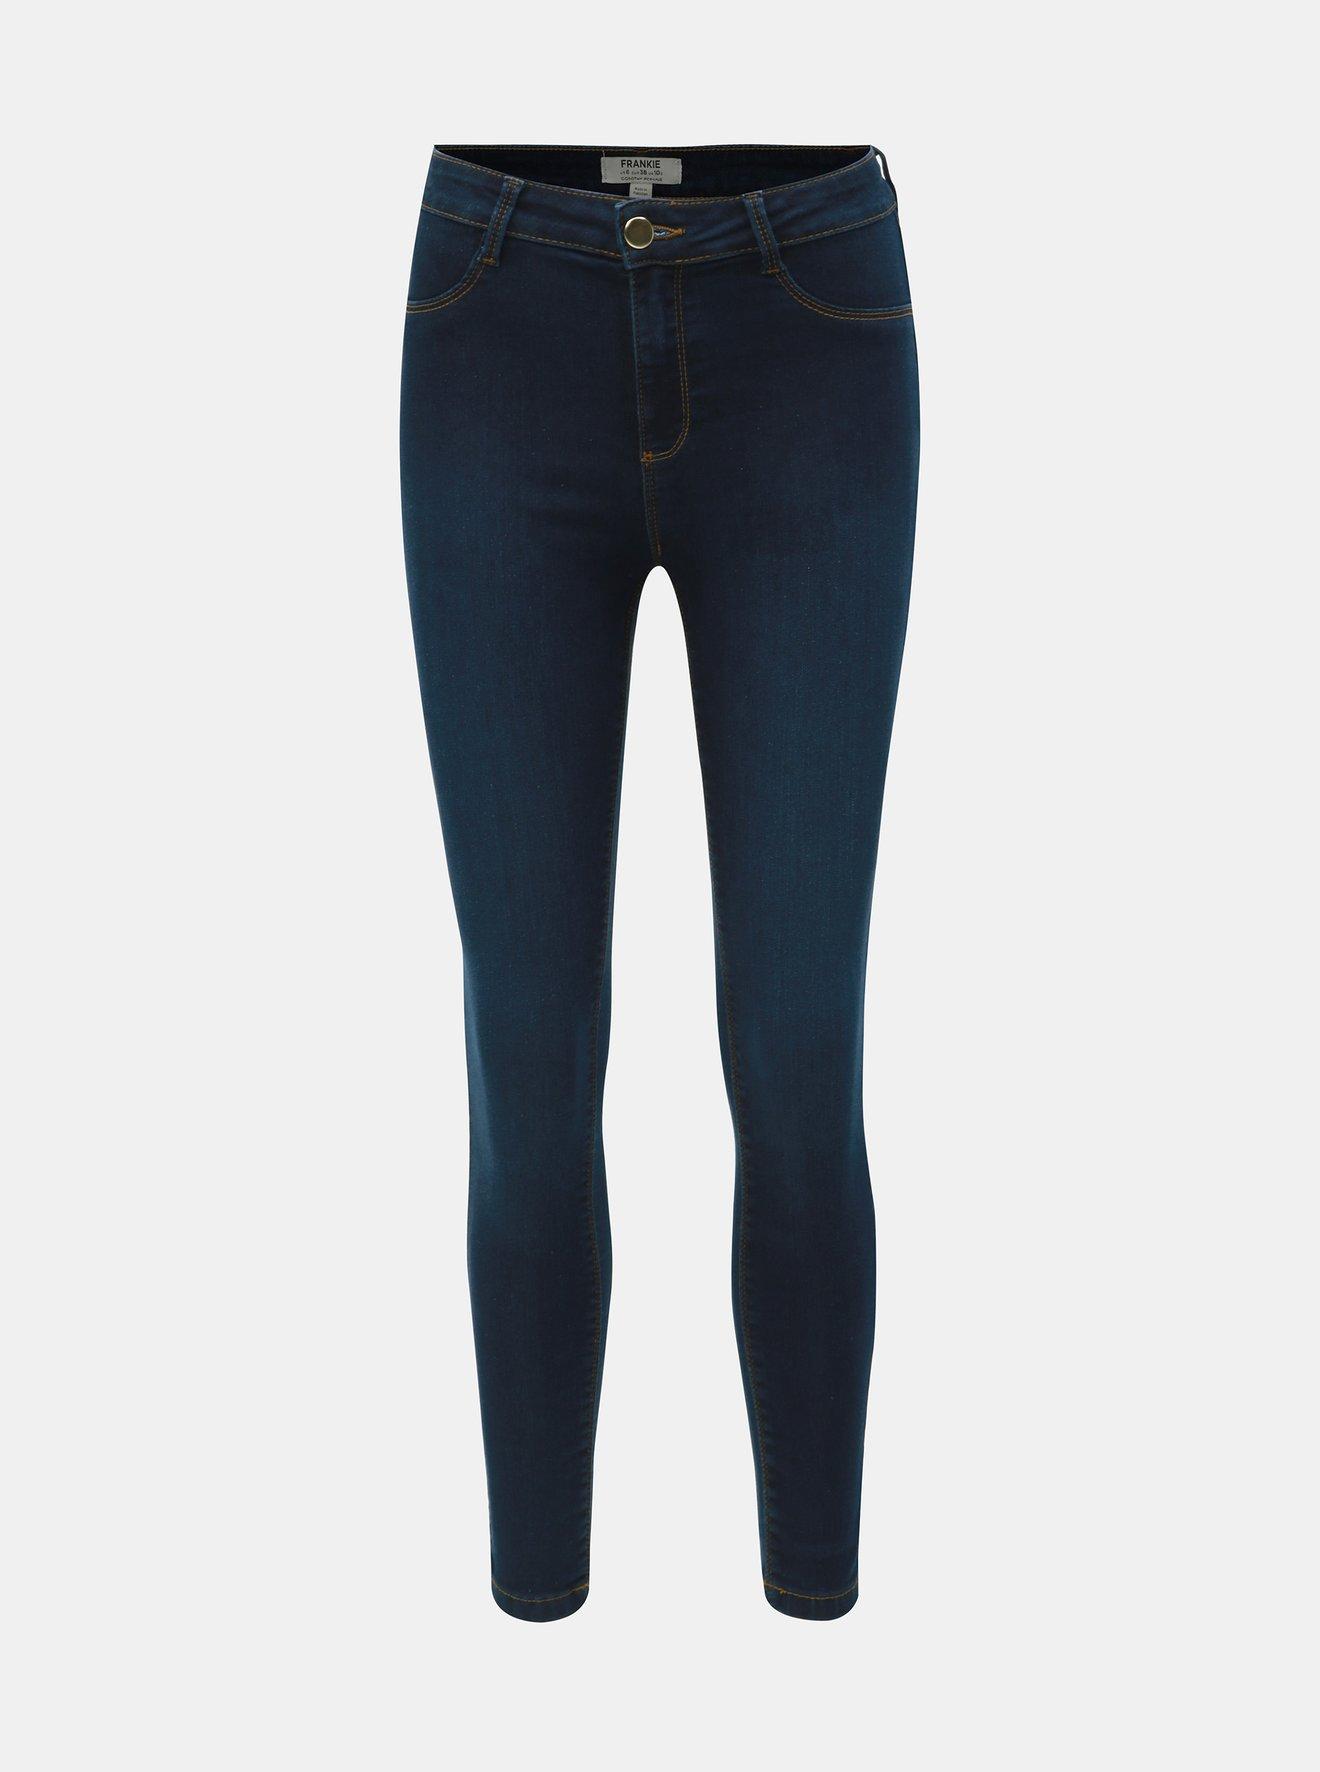 Tmavě modré skinny fit džíny Frankie Dorothy Perkins Frankie